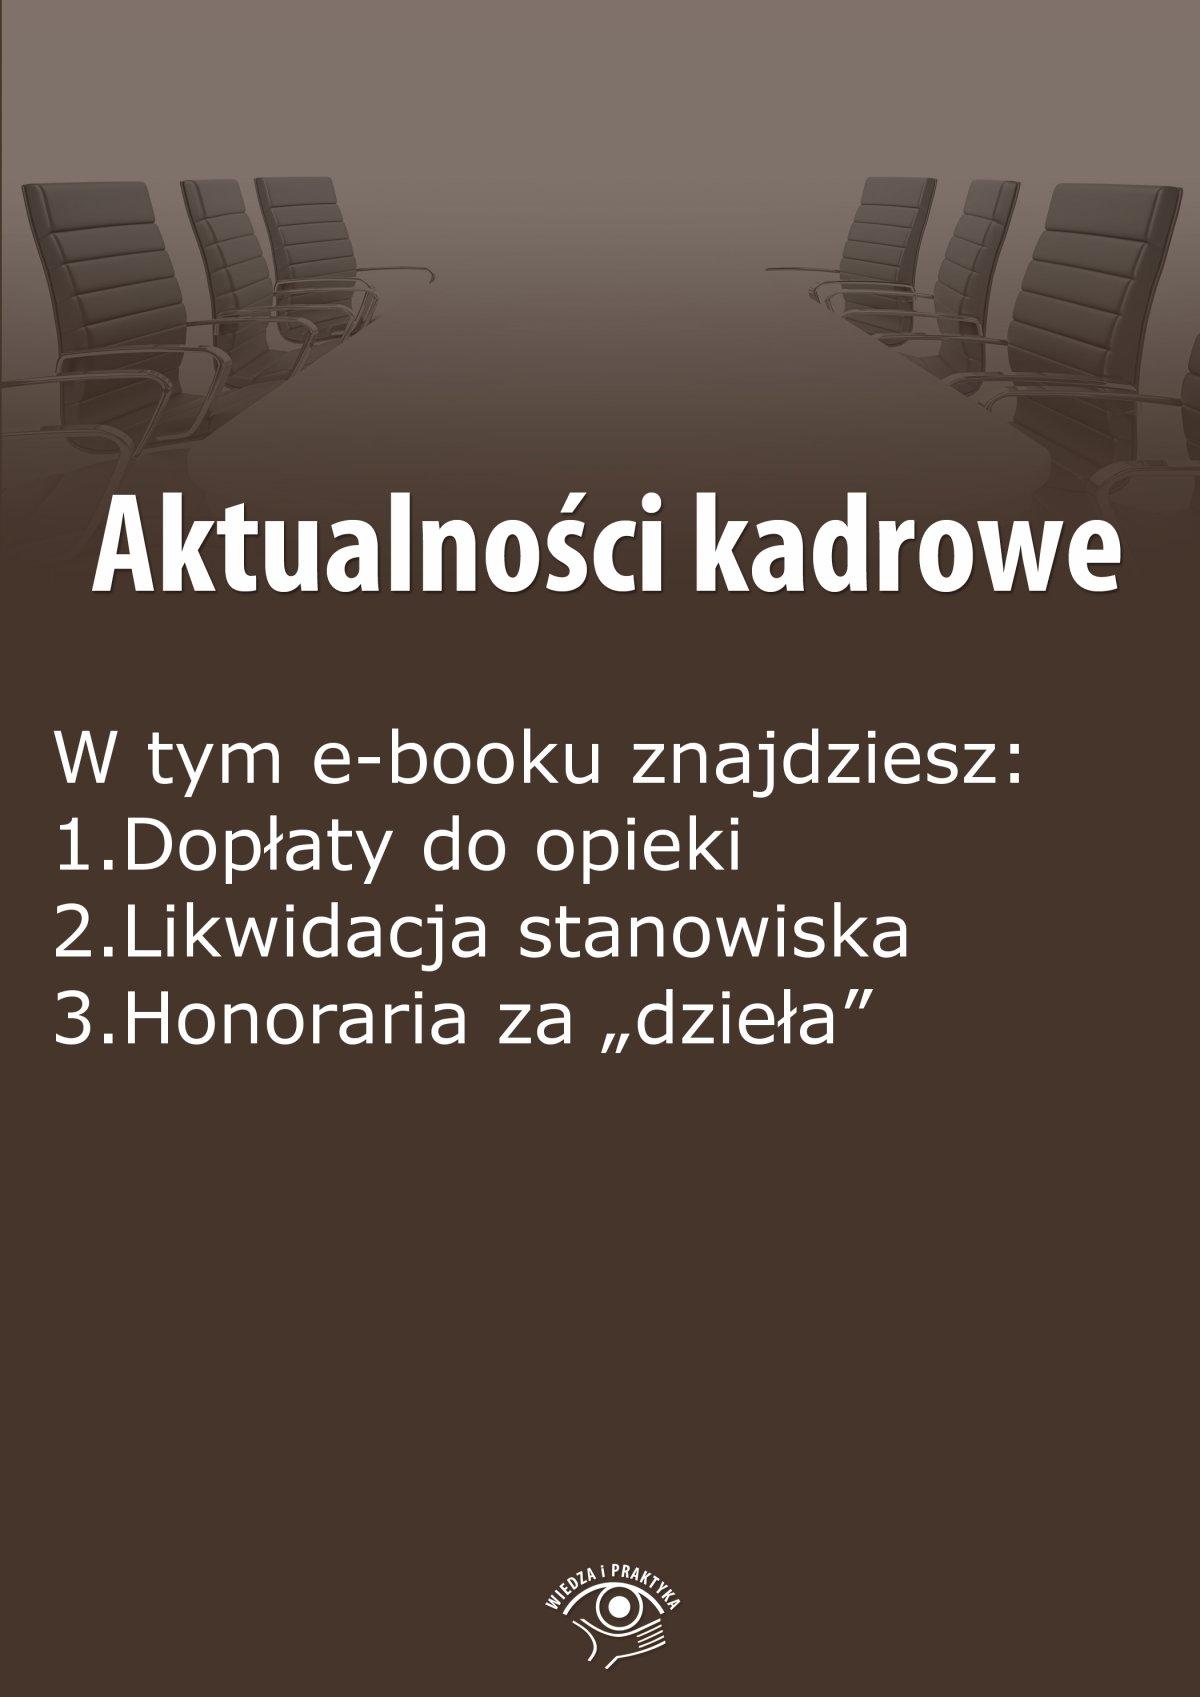 Aktualności kadrowe, wydanie czerwiec 2015 r. Część II - Ebook (Książka PDF) do pobrania w formacie PDF